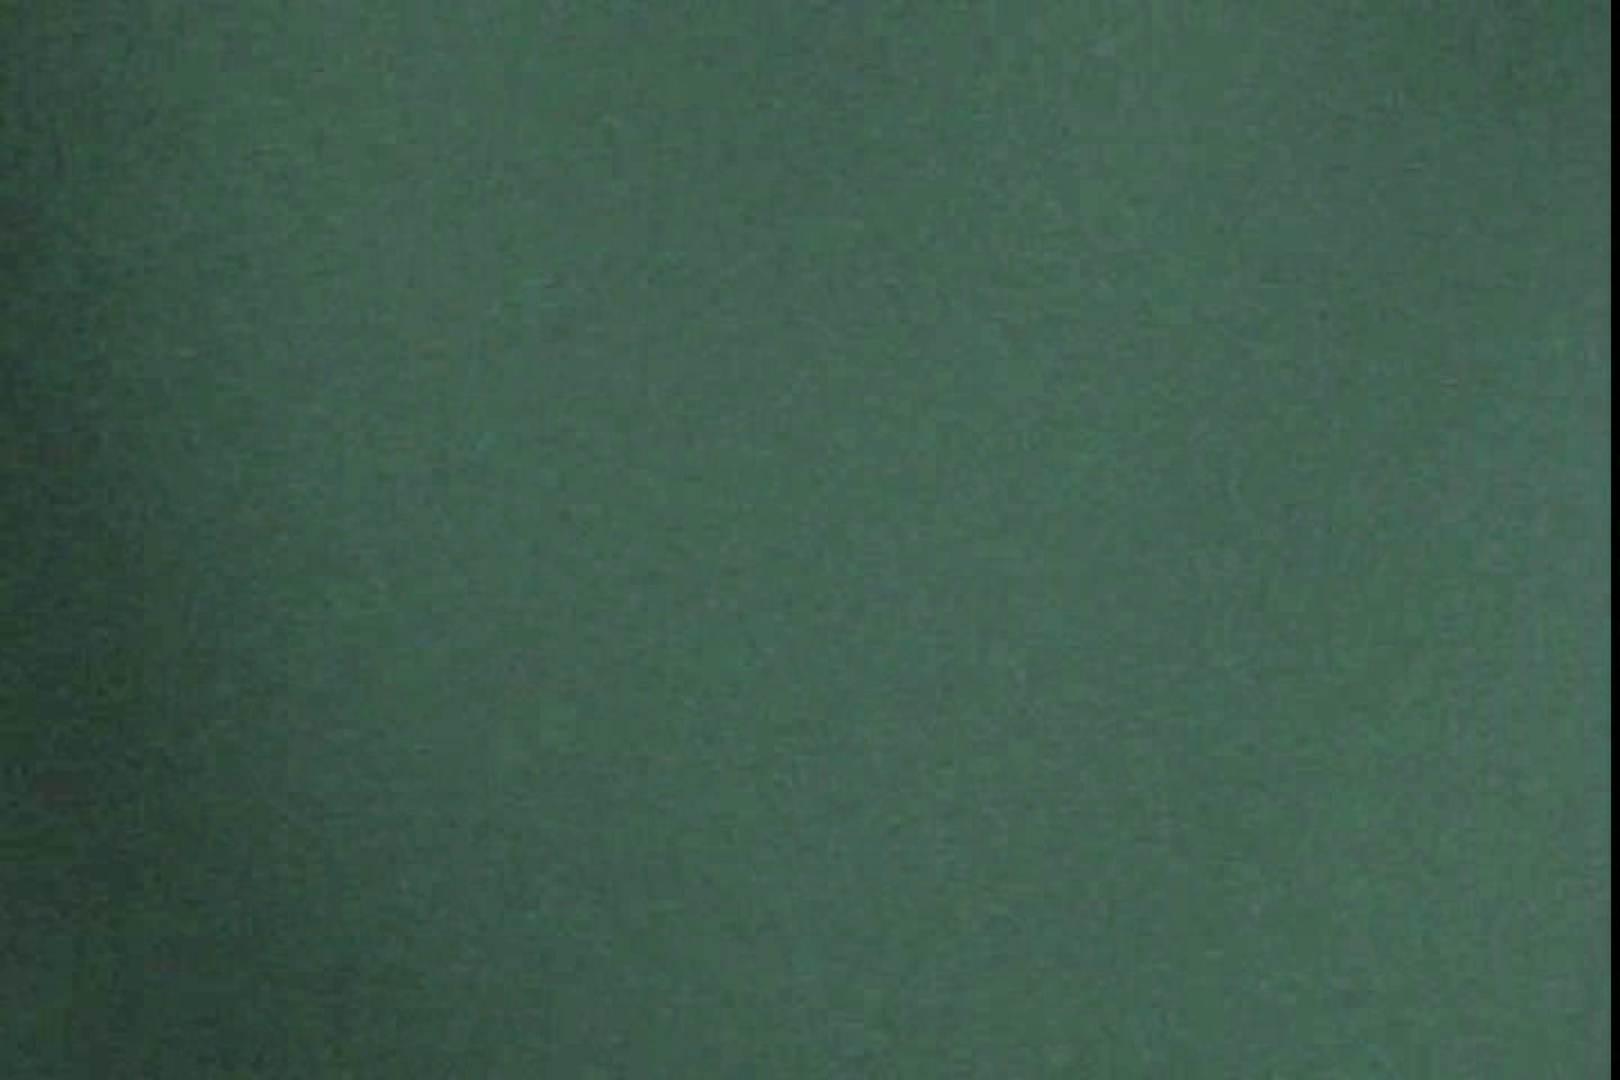 赤外線ムレスケバレー(汗) vol.05 アスリート セックス画像 79pic 8